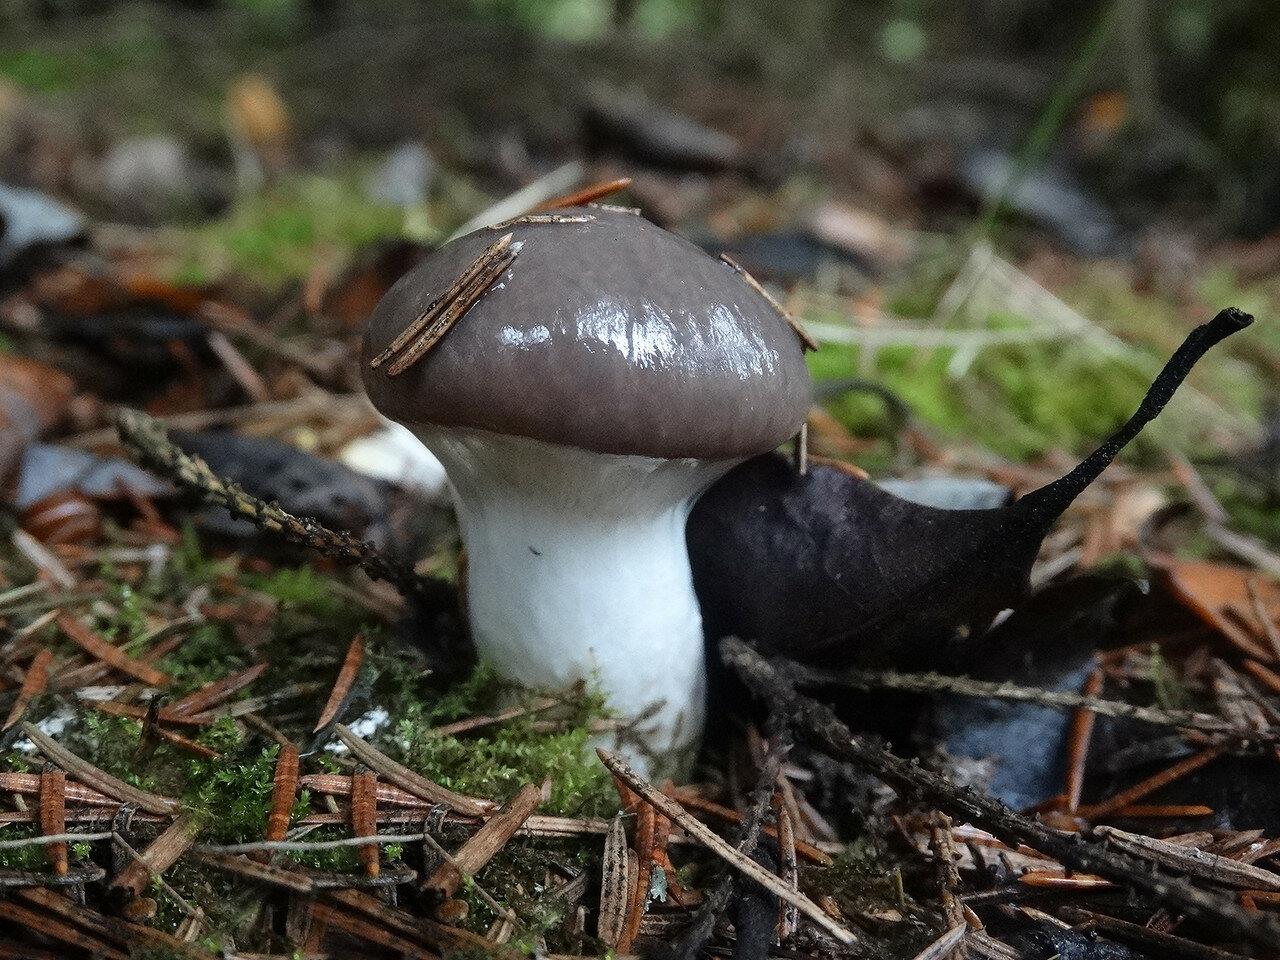 Мокруха еловая (Gomphidius glutinosus). Автор фото:Привалова Марина